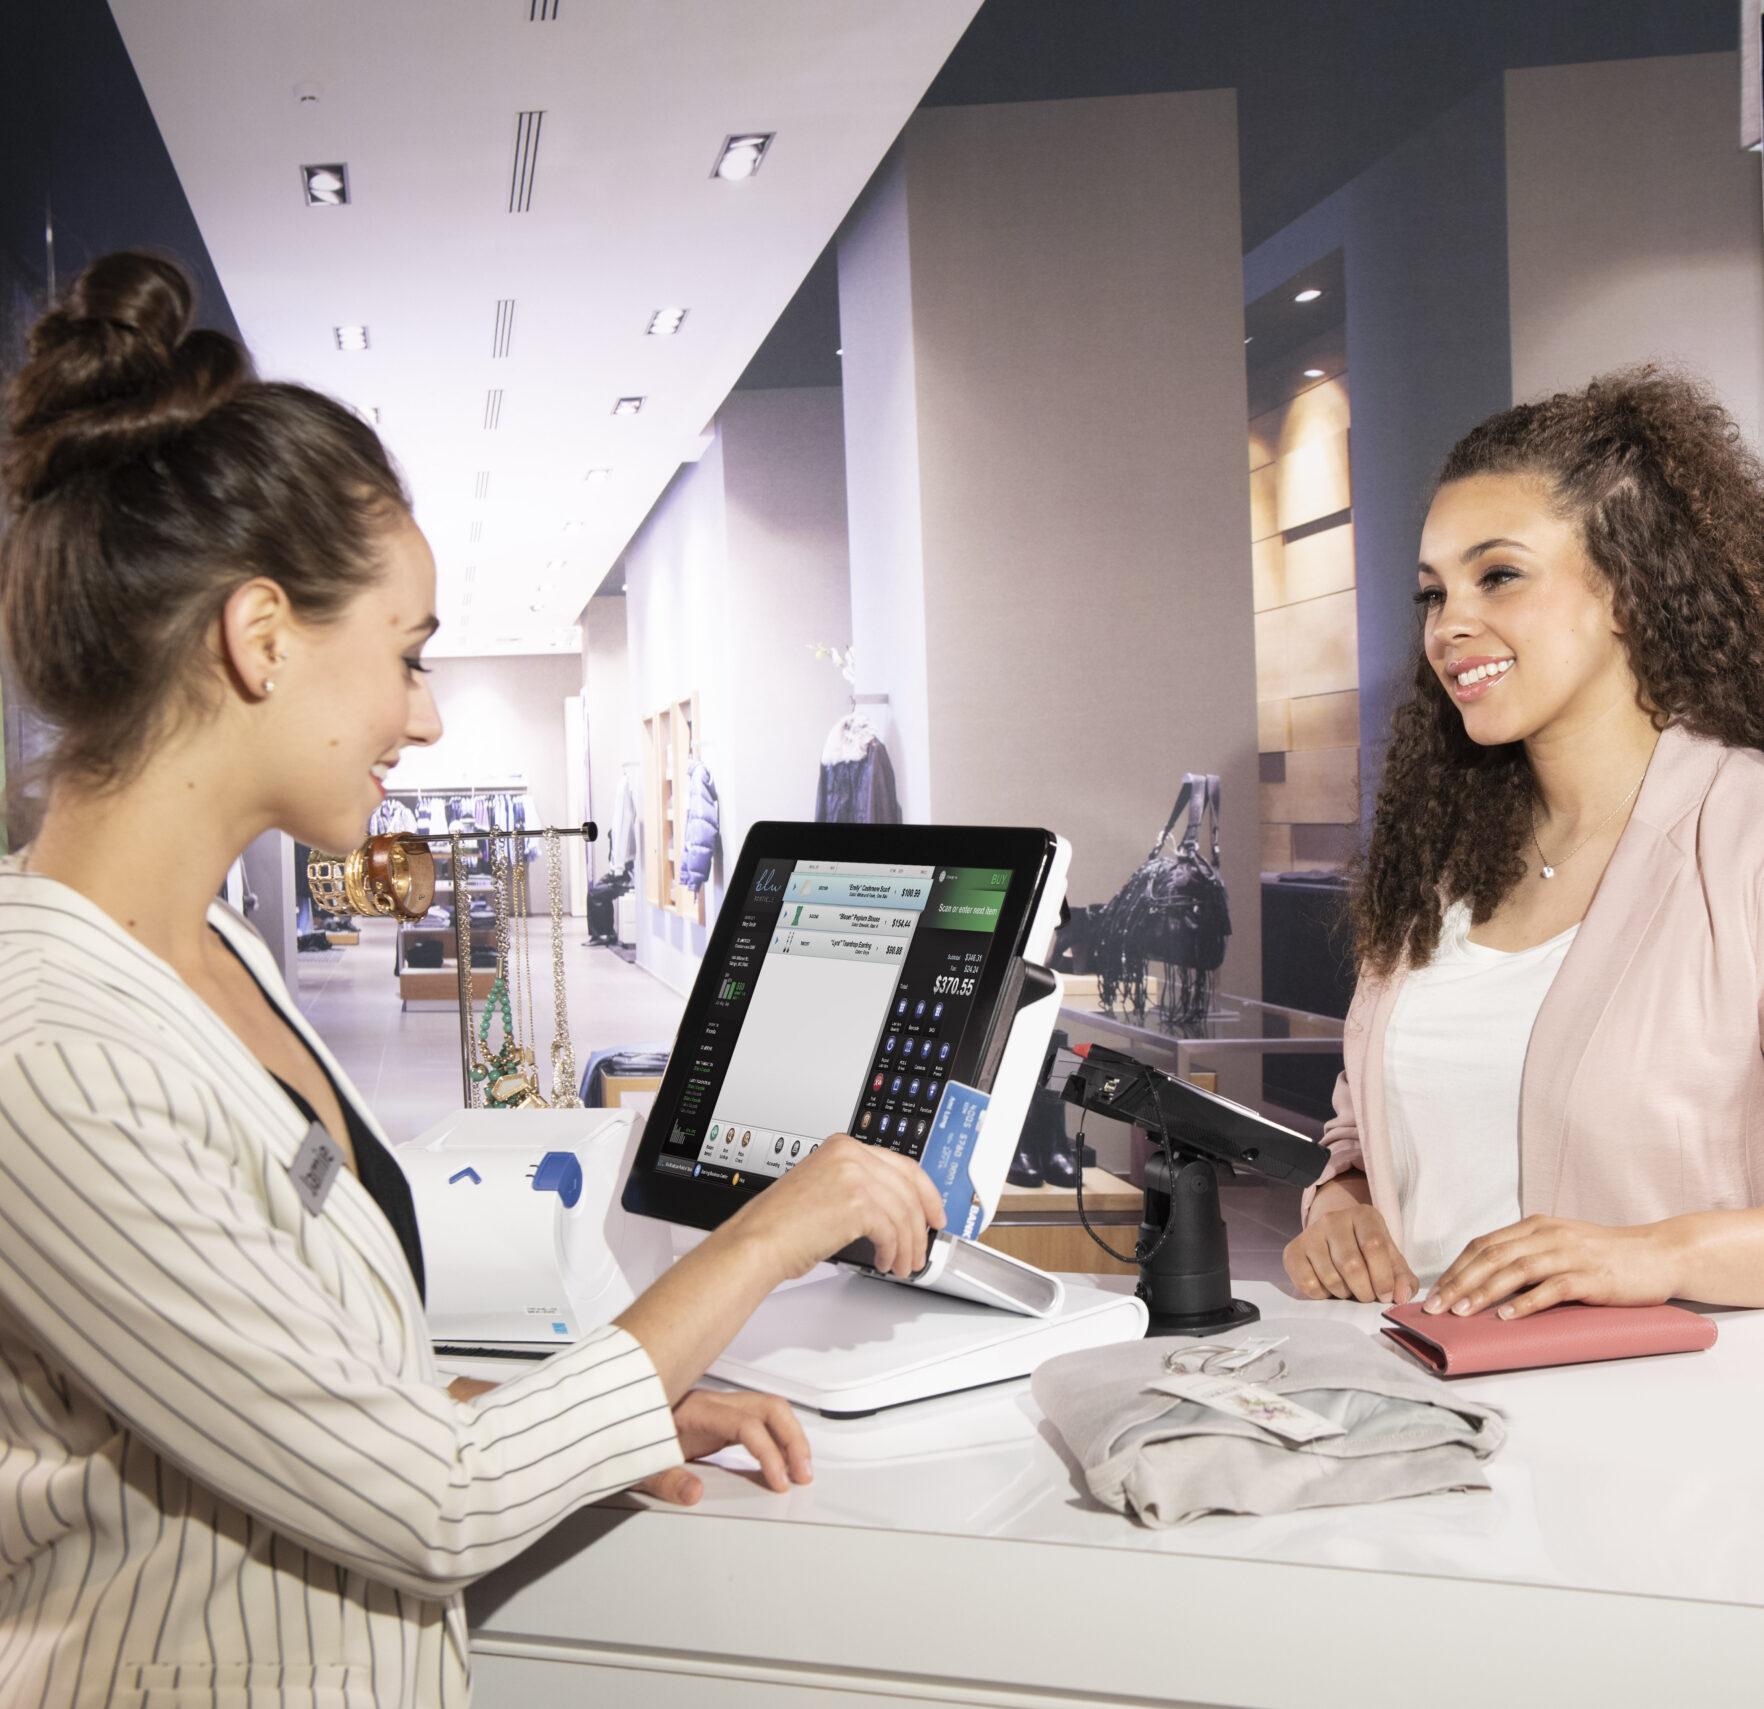 Toshiba et PEDAB, un nouveau partenariat stratégique sur le marché du retail en France